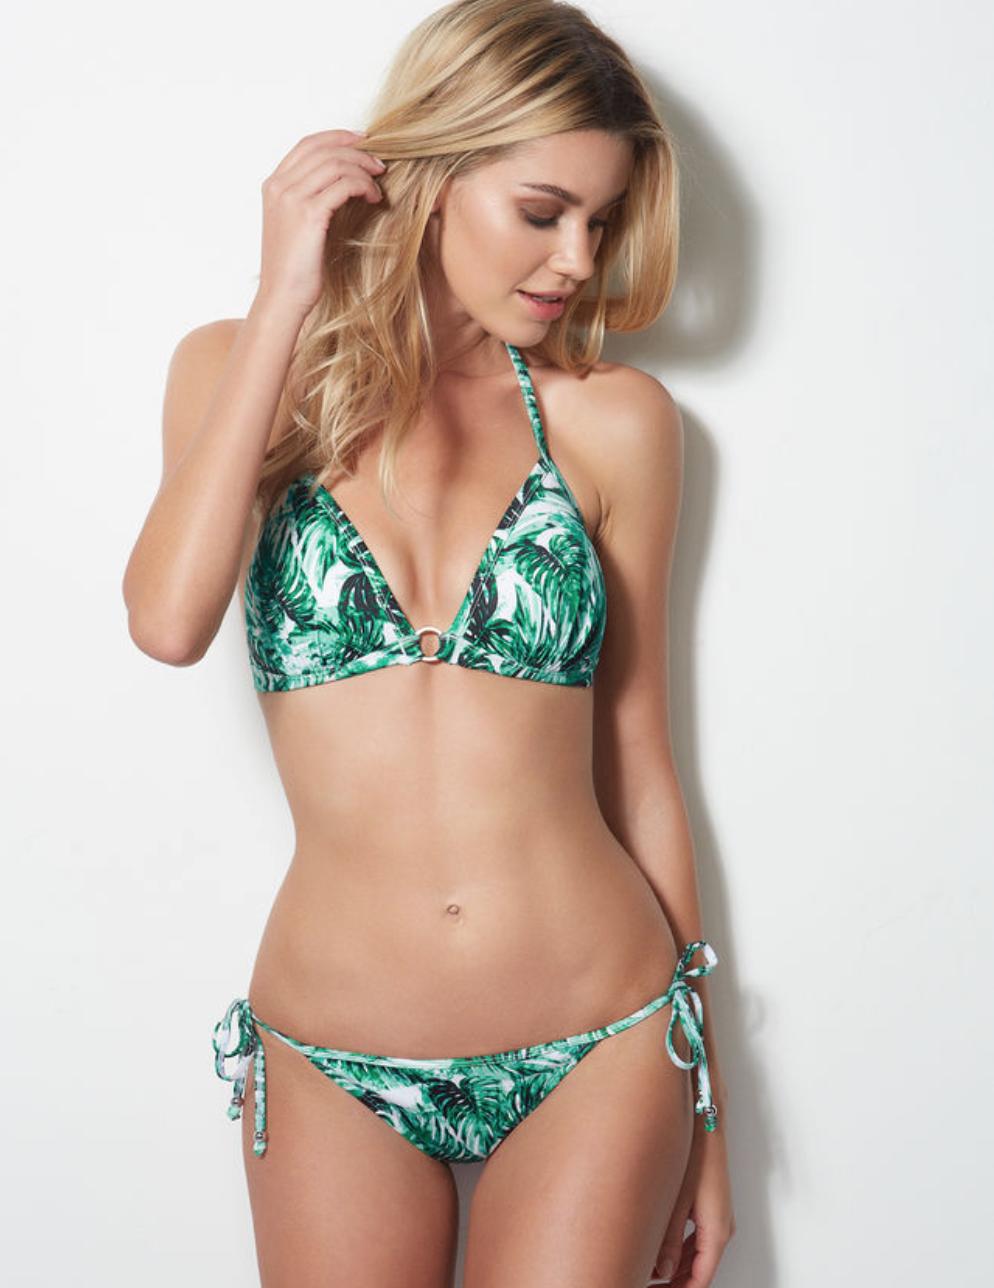 Boux Avenue cuba bikini